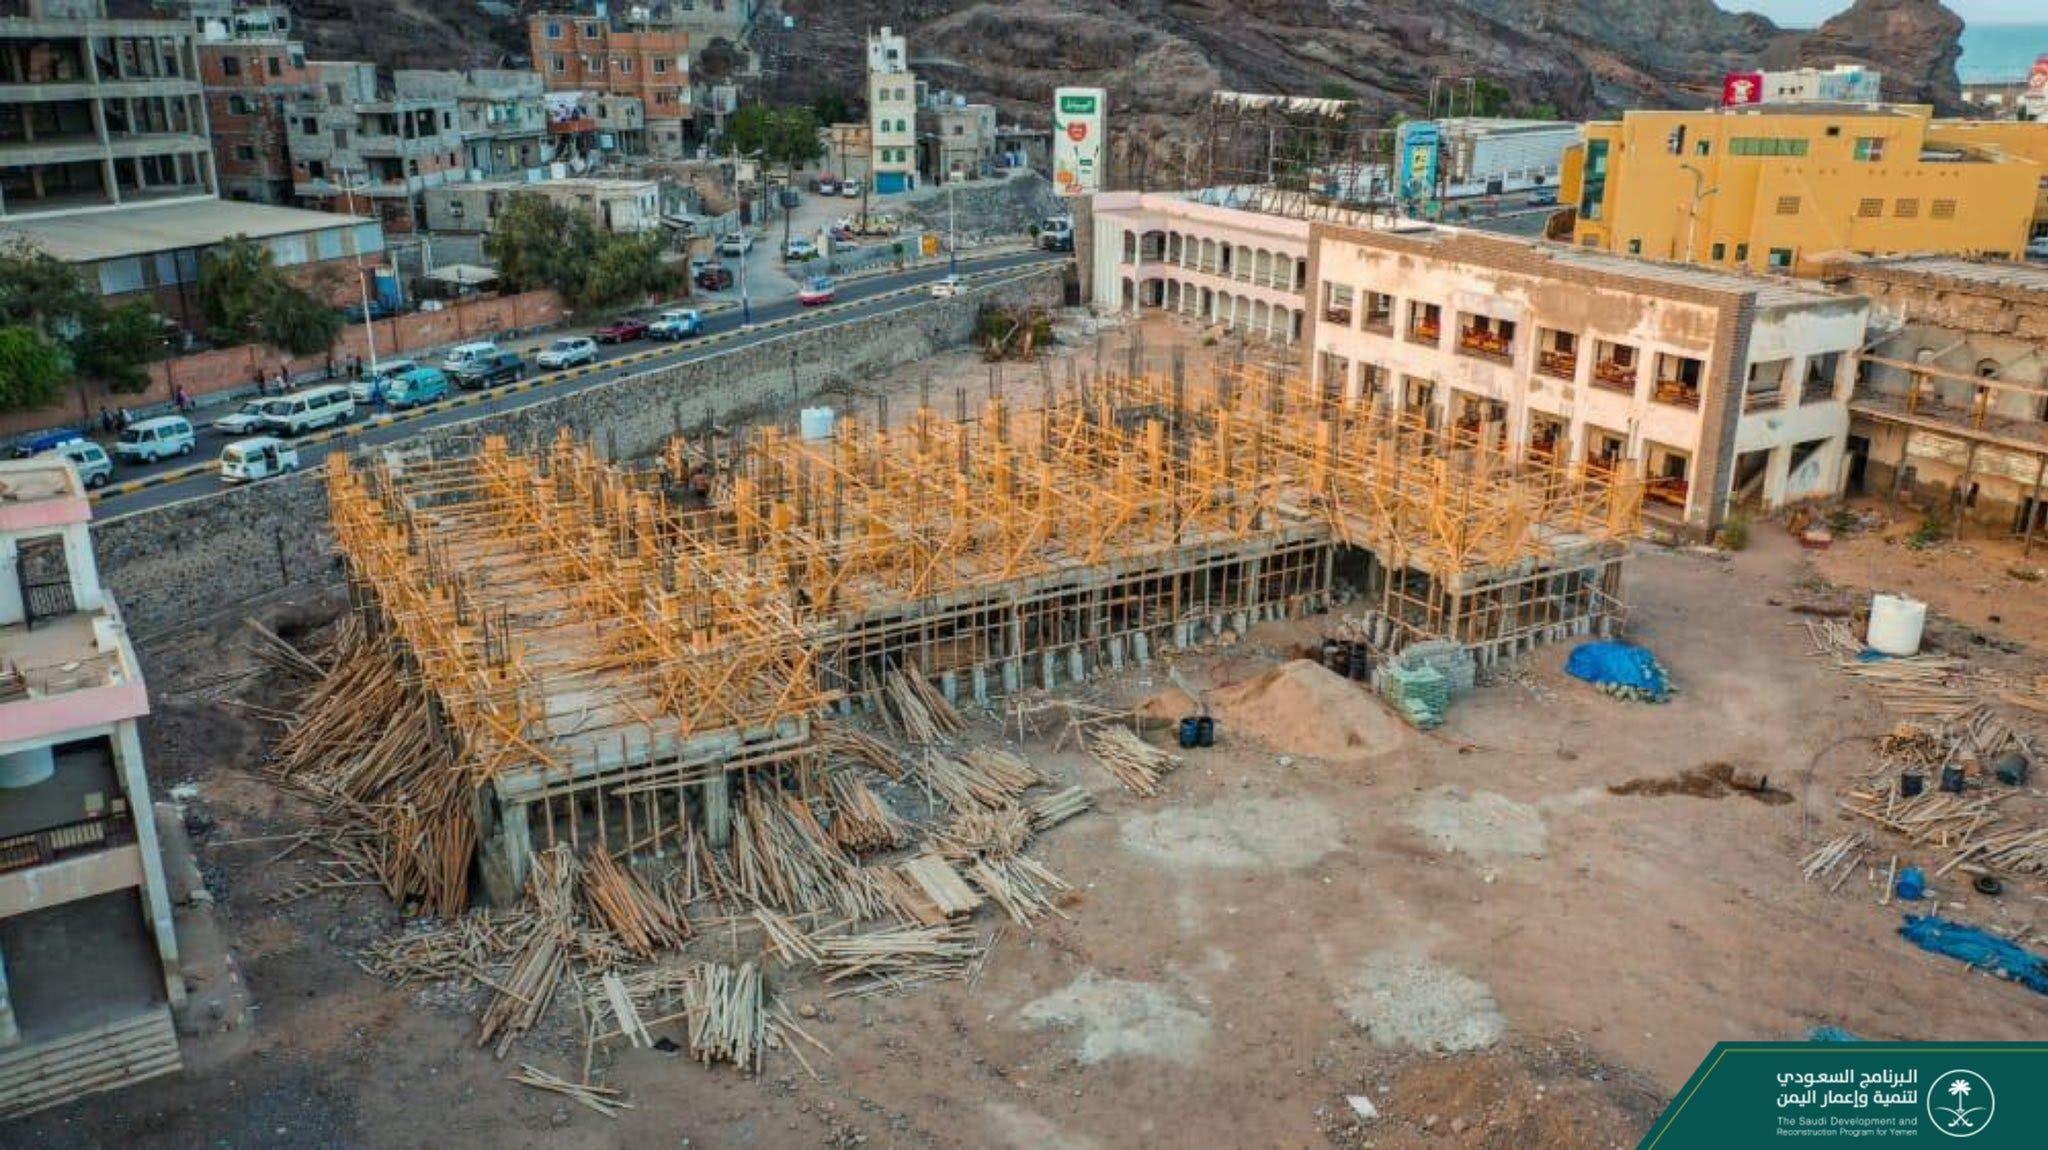 إحدى المدارس التي ينفذها البرنامج السعودي لتنمية وإعمار اليمن في عدن